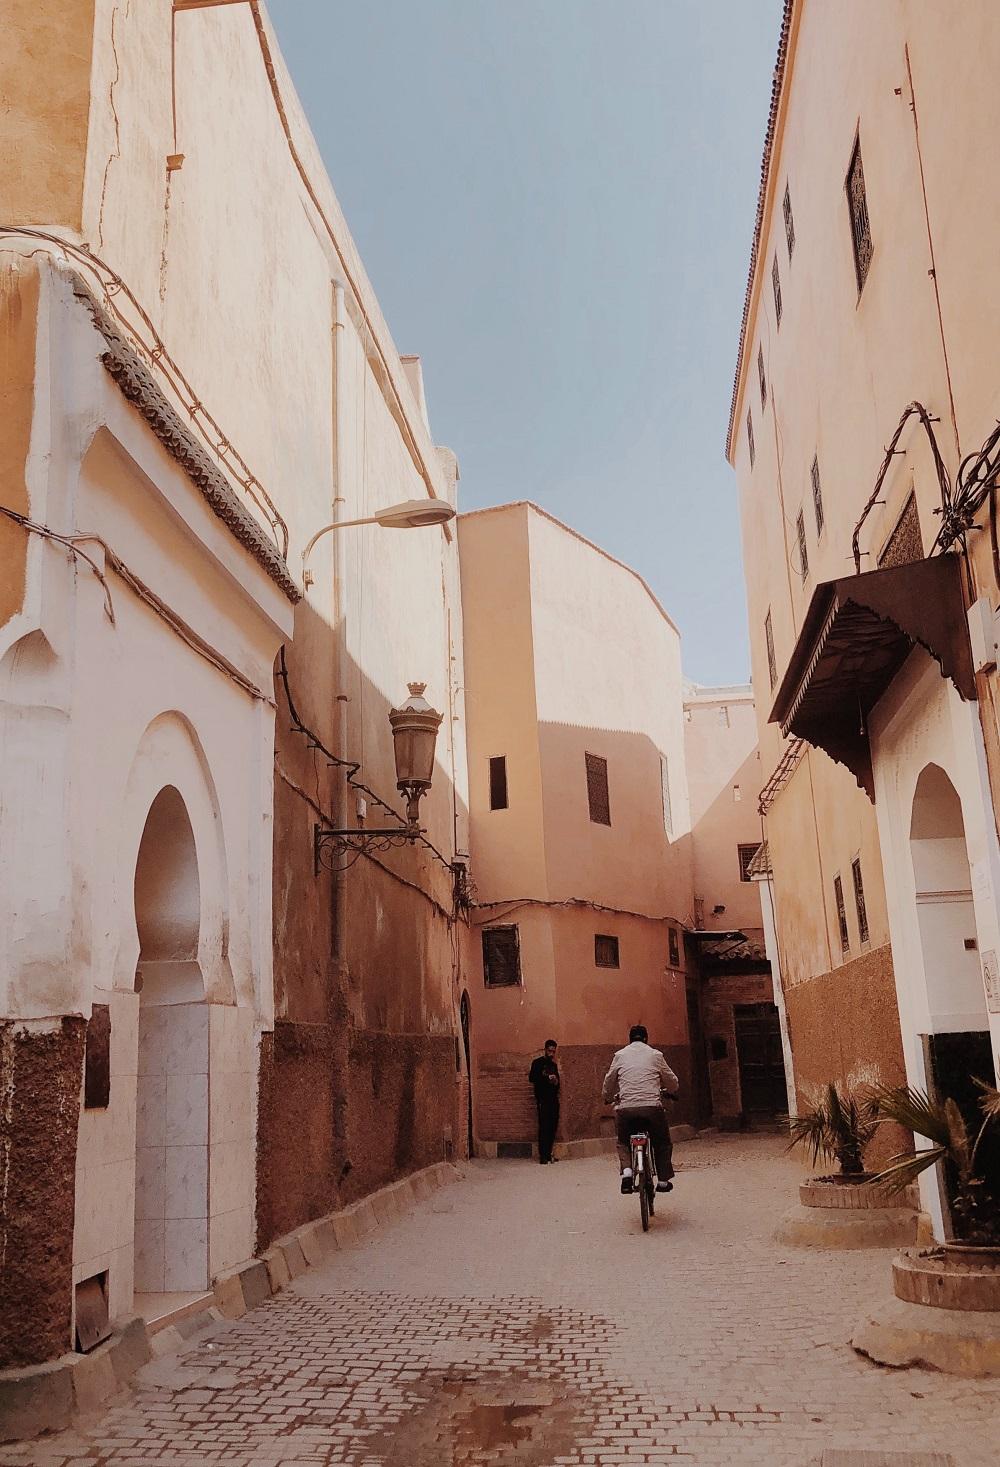 weekend in primavera marrakech